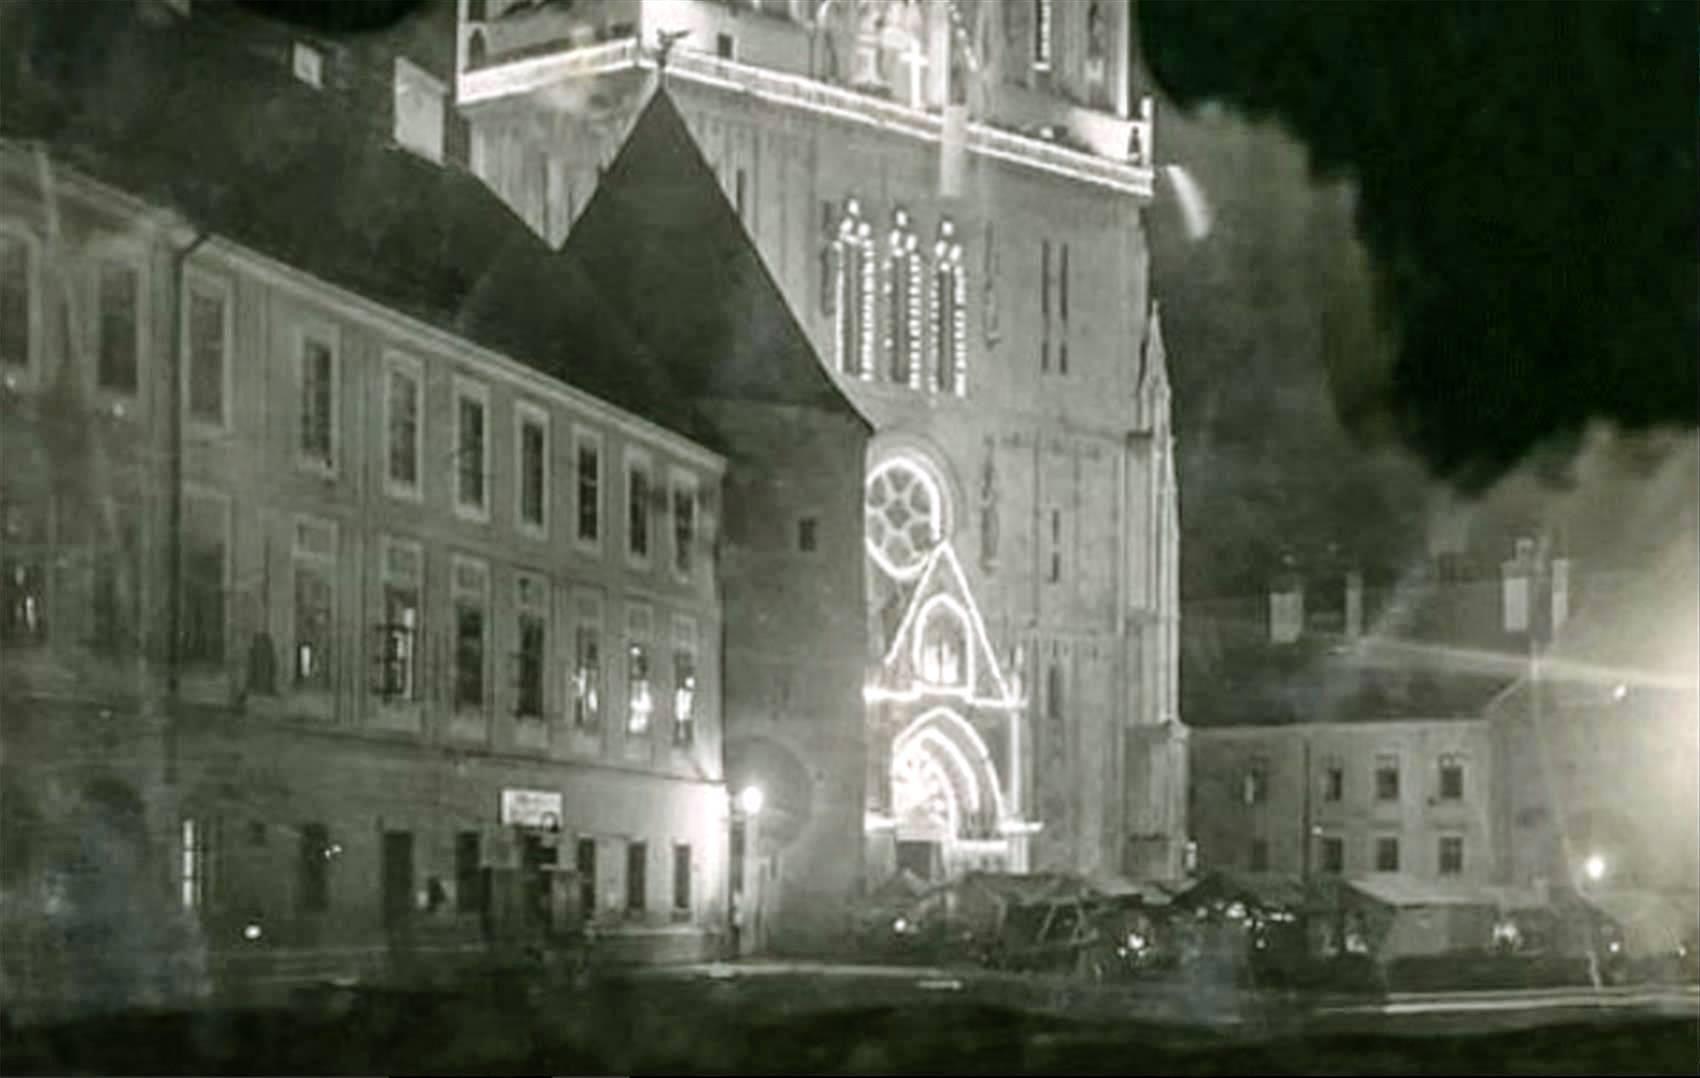 Katedrala, okićena za Božić 1930. godine